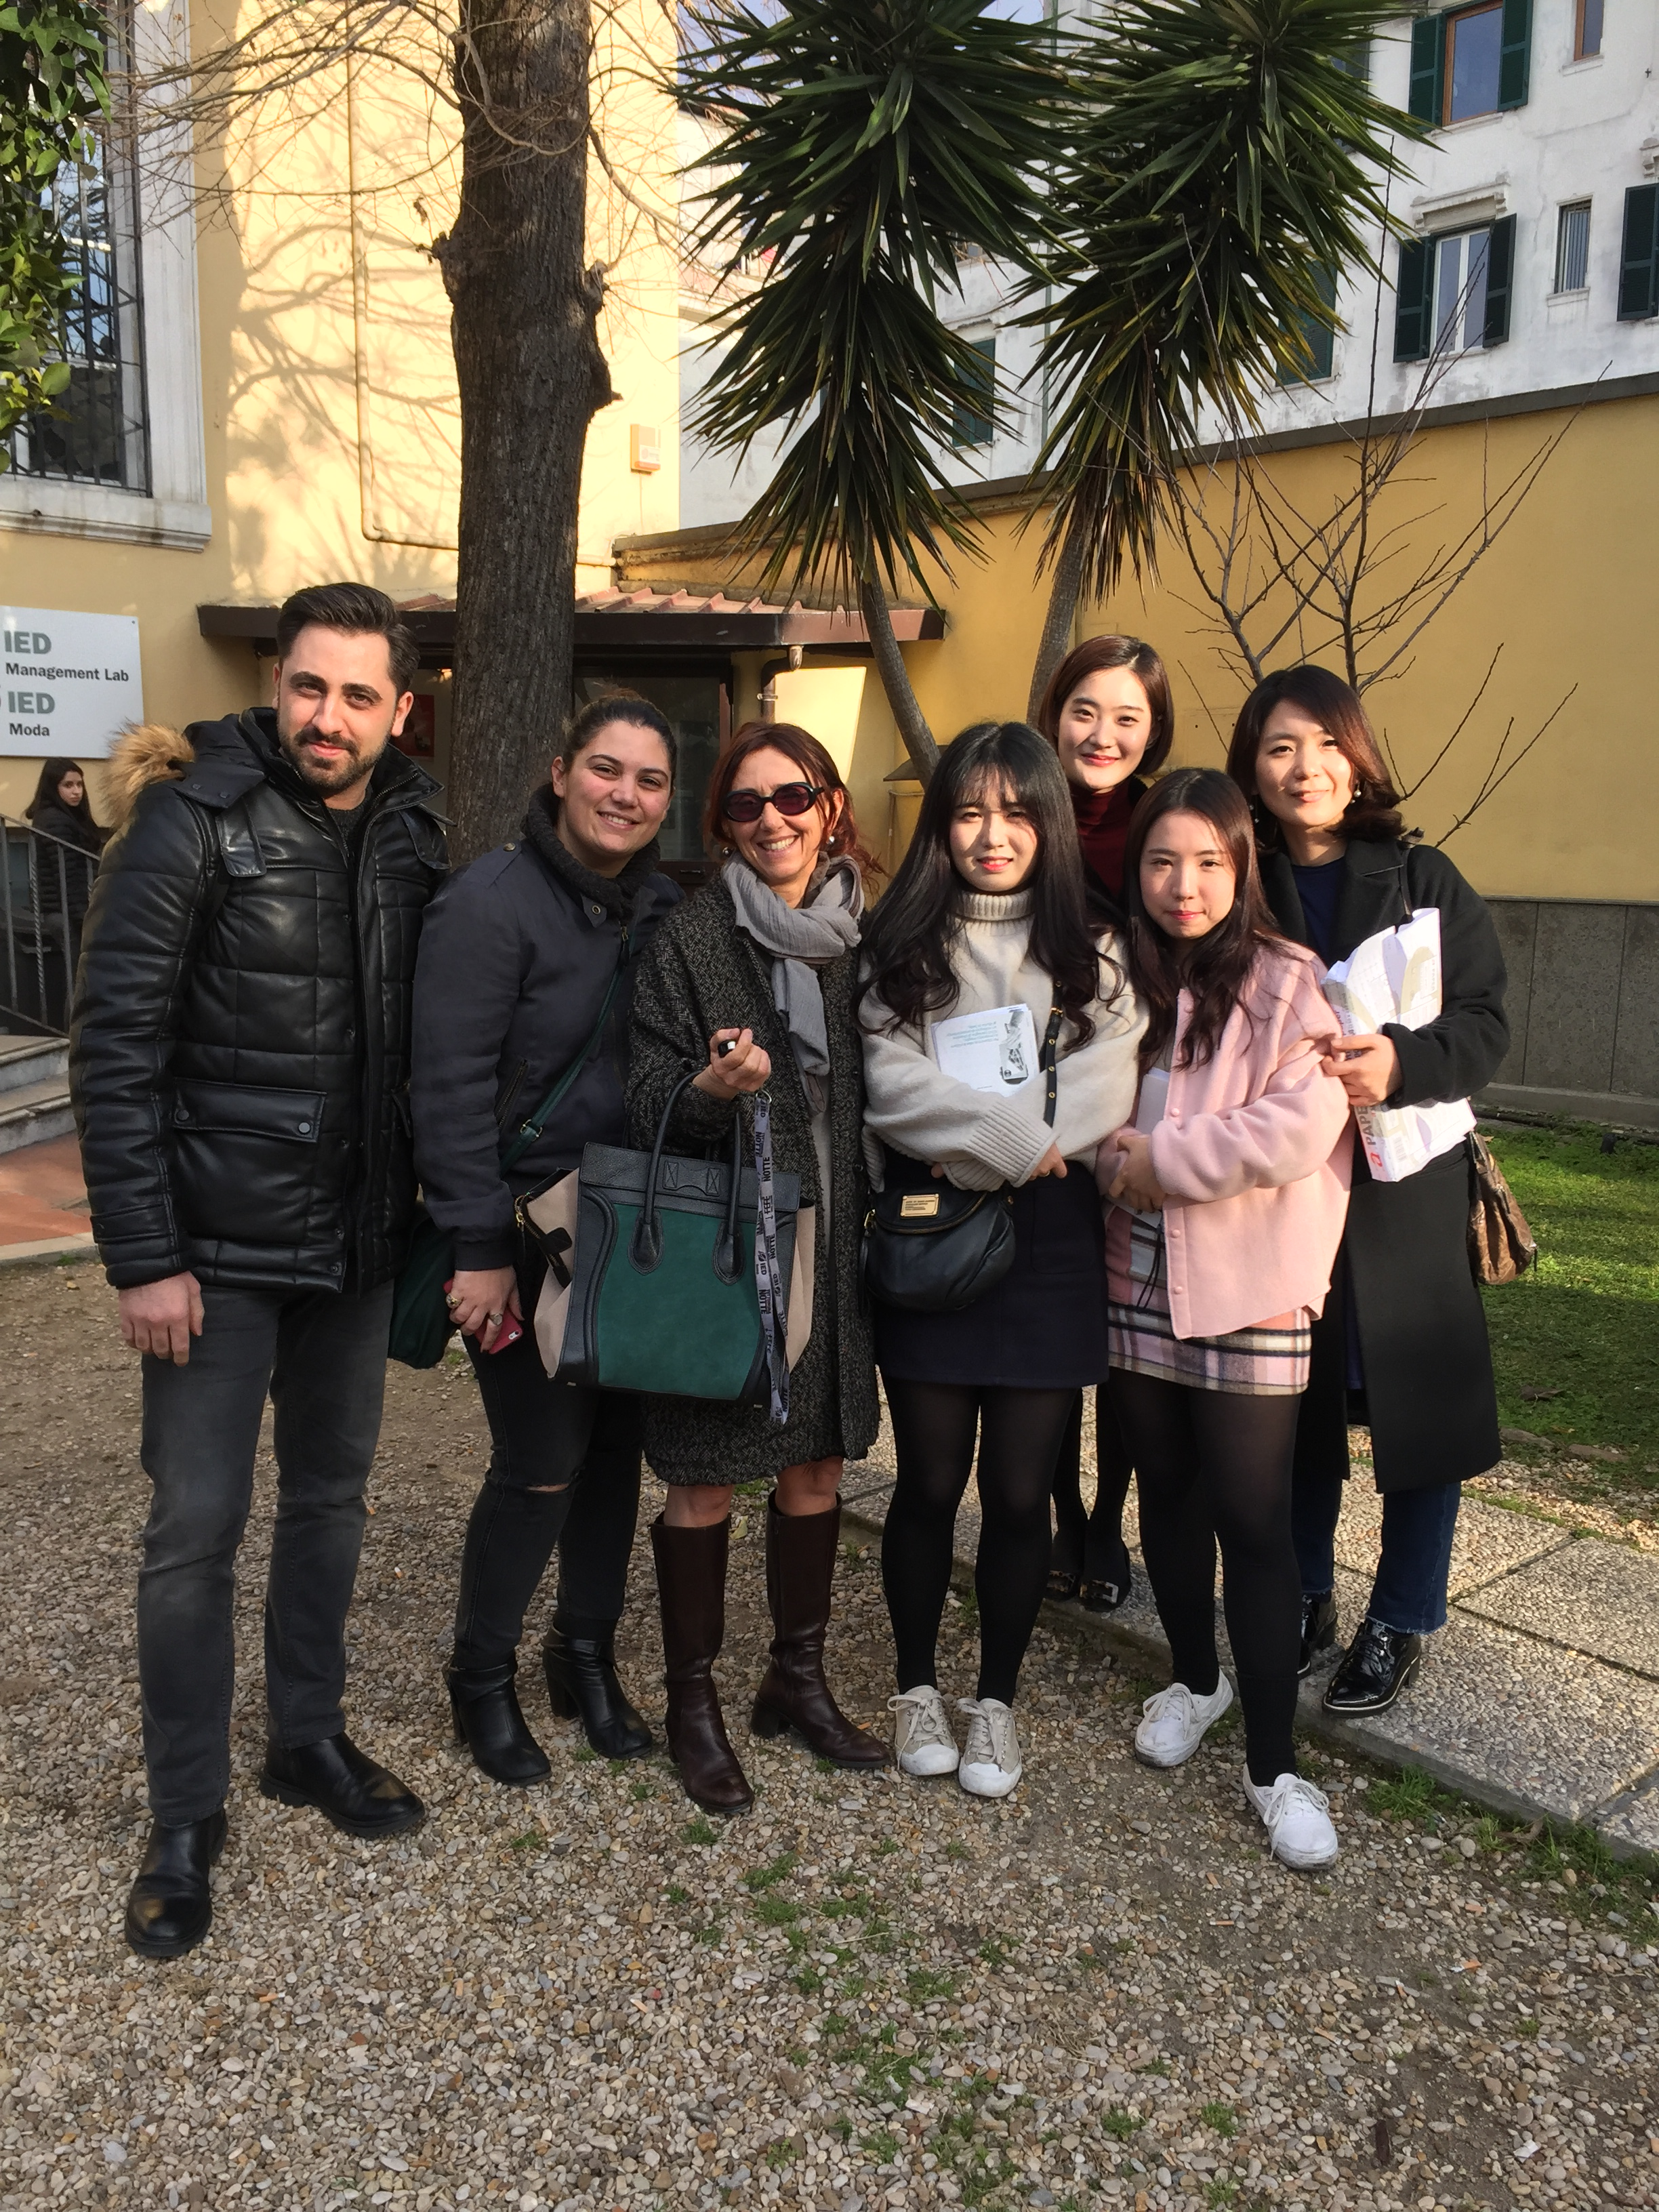 이탈리아 IED 종합디자인대학교